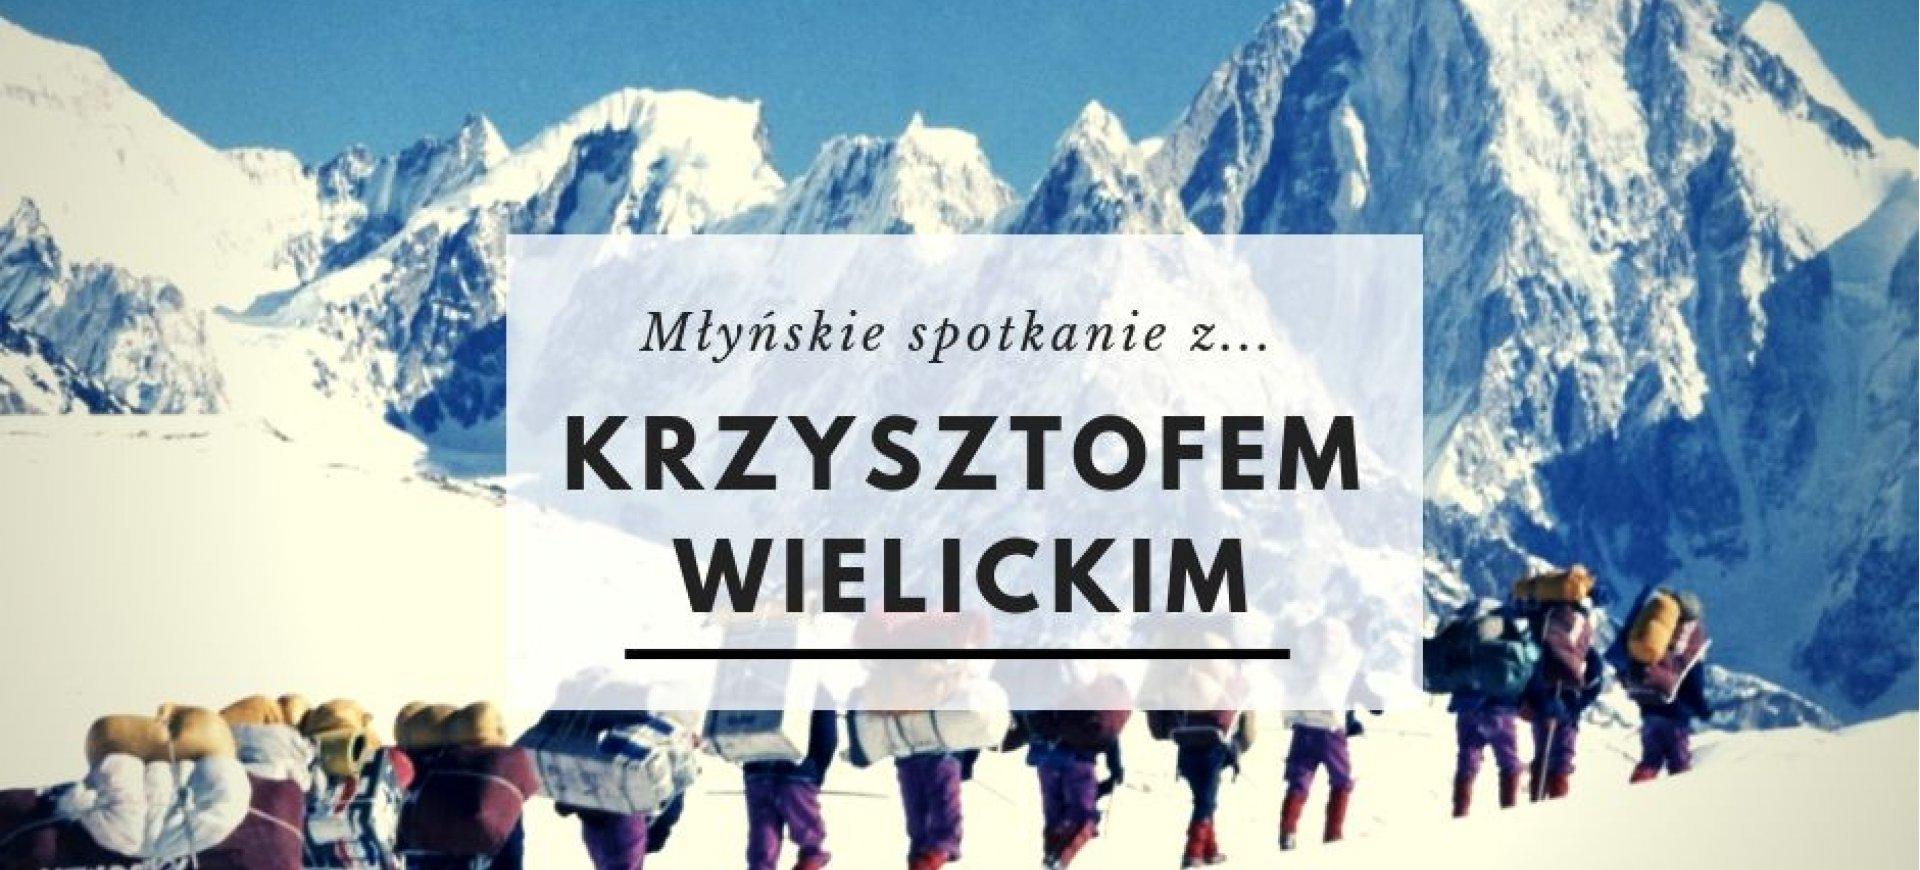 Młyńskie spotkanie z Krzysztofem Wielickim